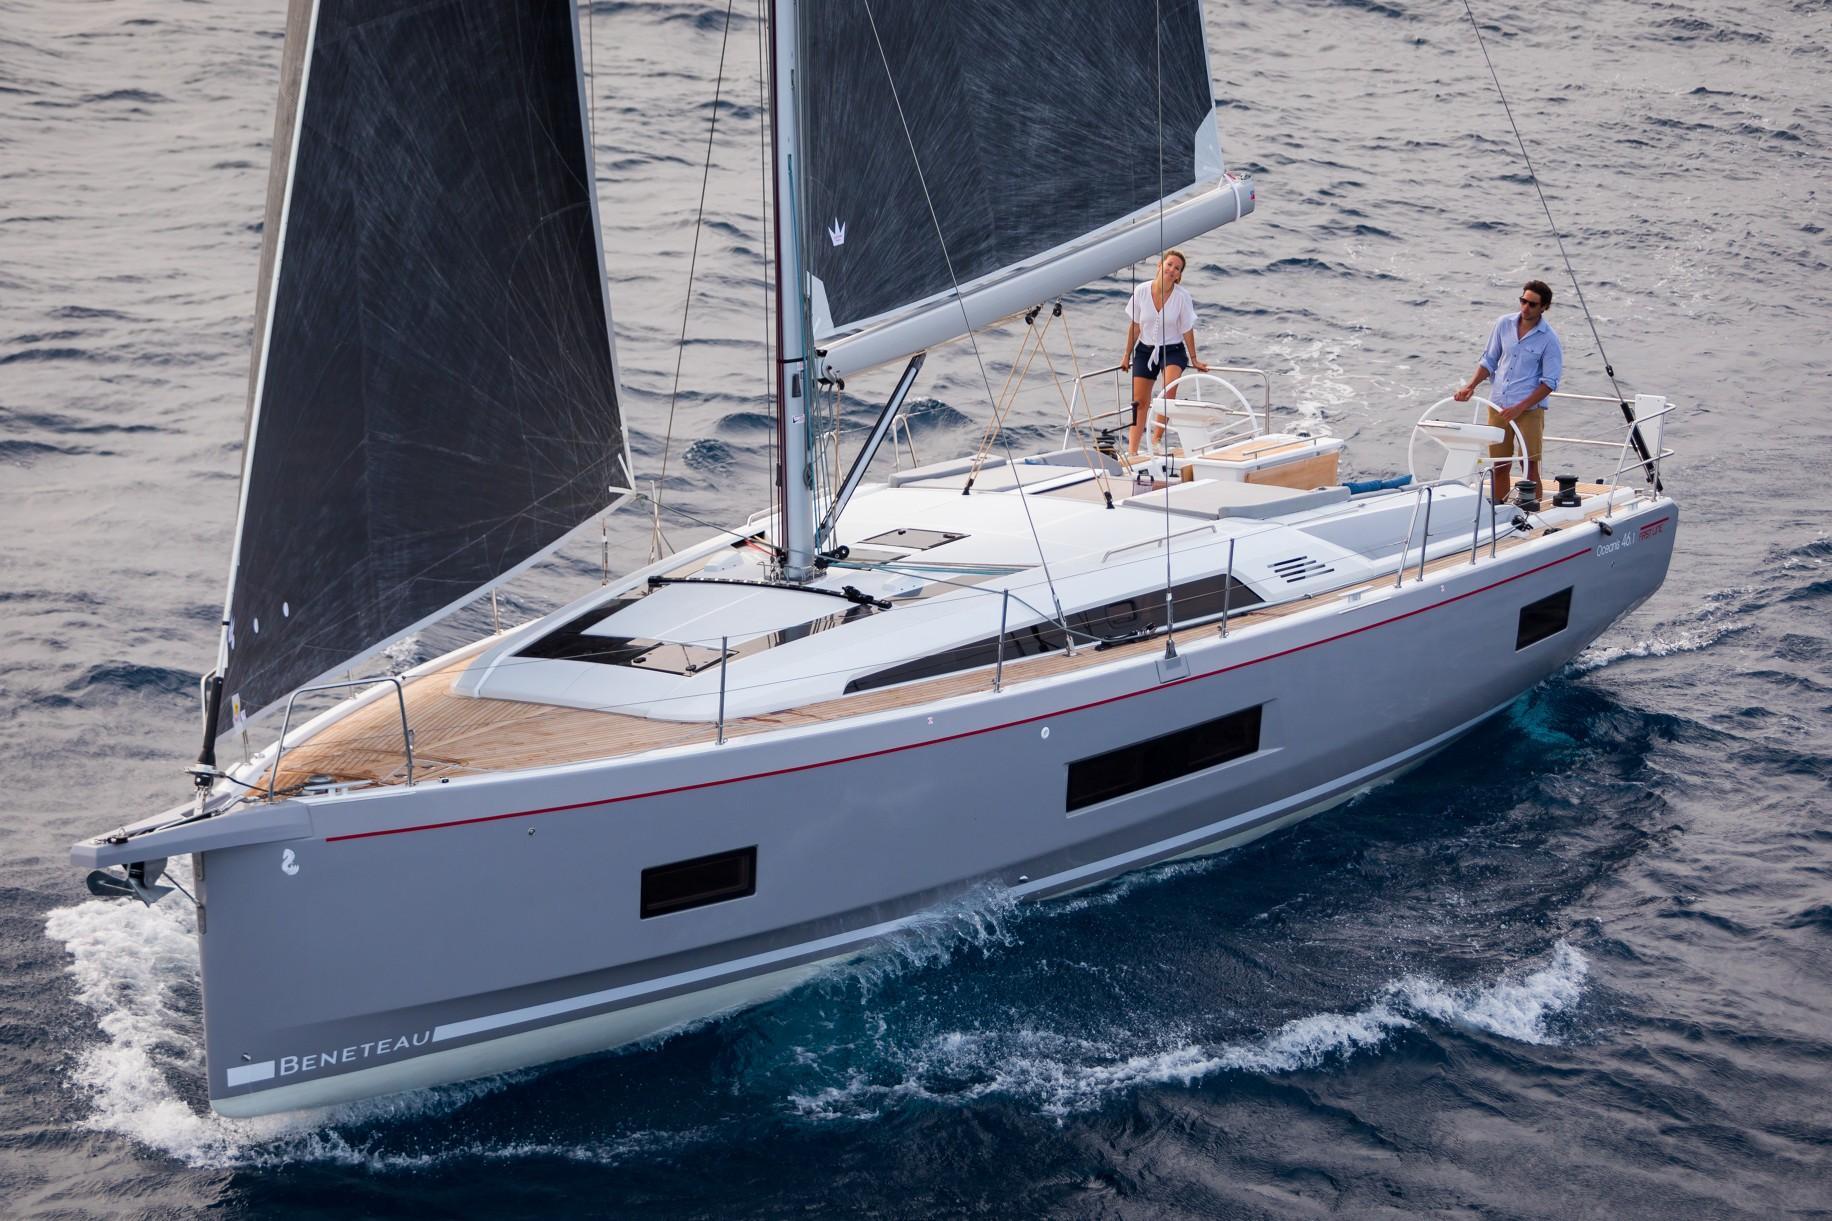 47 Beneteau 2019 Elliniko Denison Yacht Sales